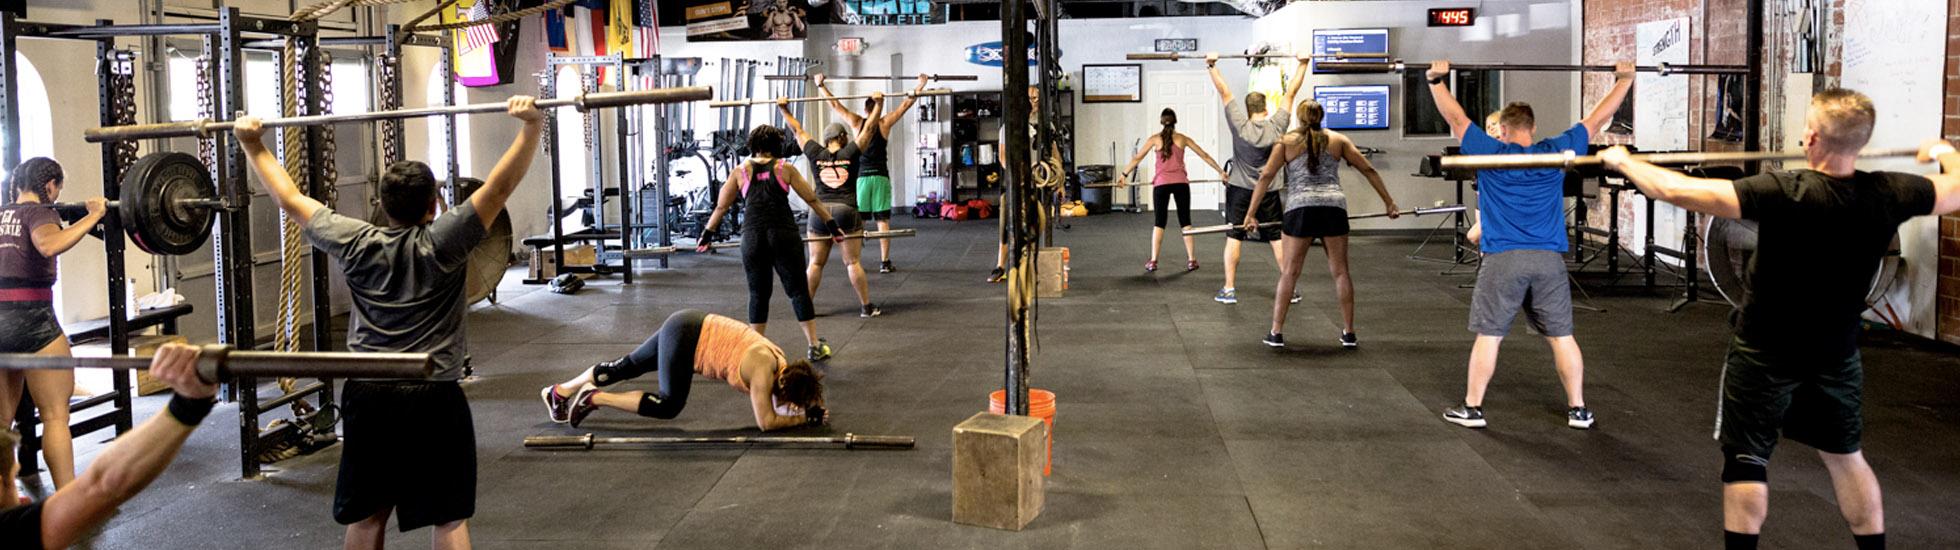 CrossFit Training in Spring TX, CrossFit Training near The Woodlands TX, CrossFit Training near Kingwood TX, CrossFit Training in North Houston TX